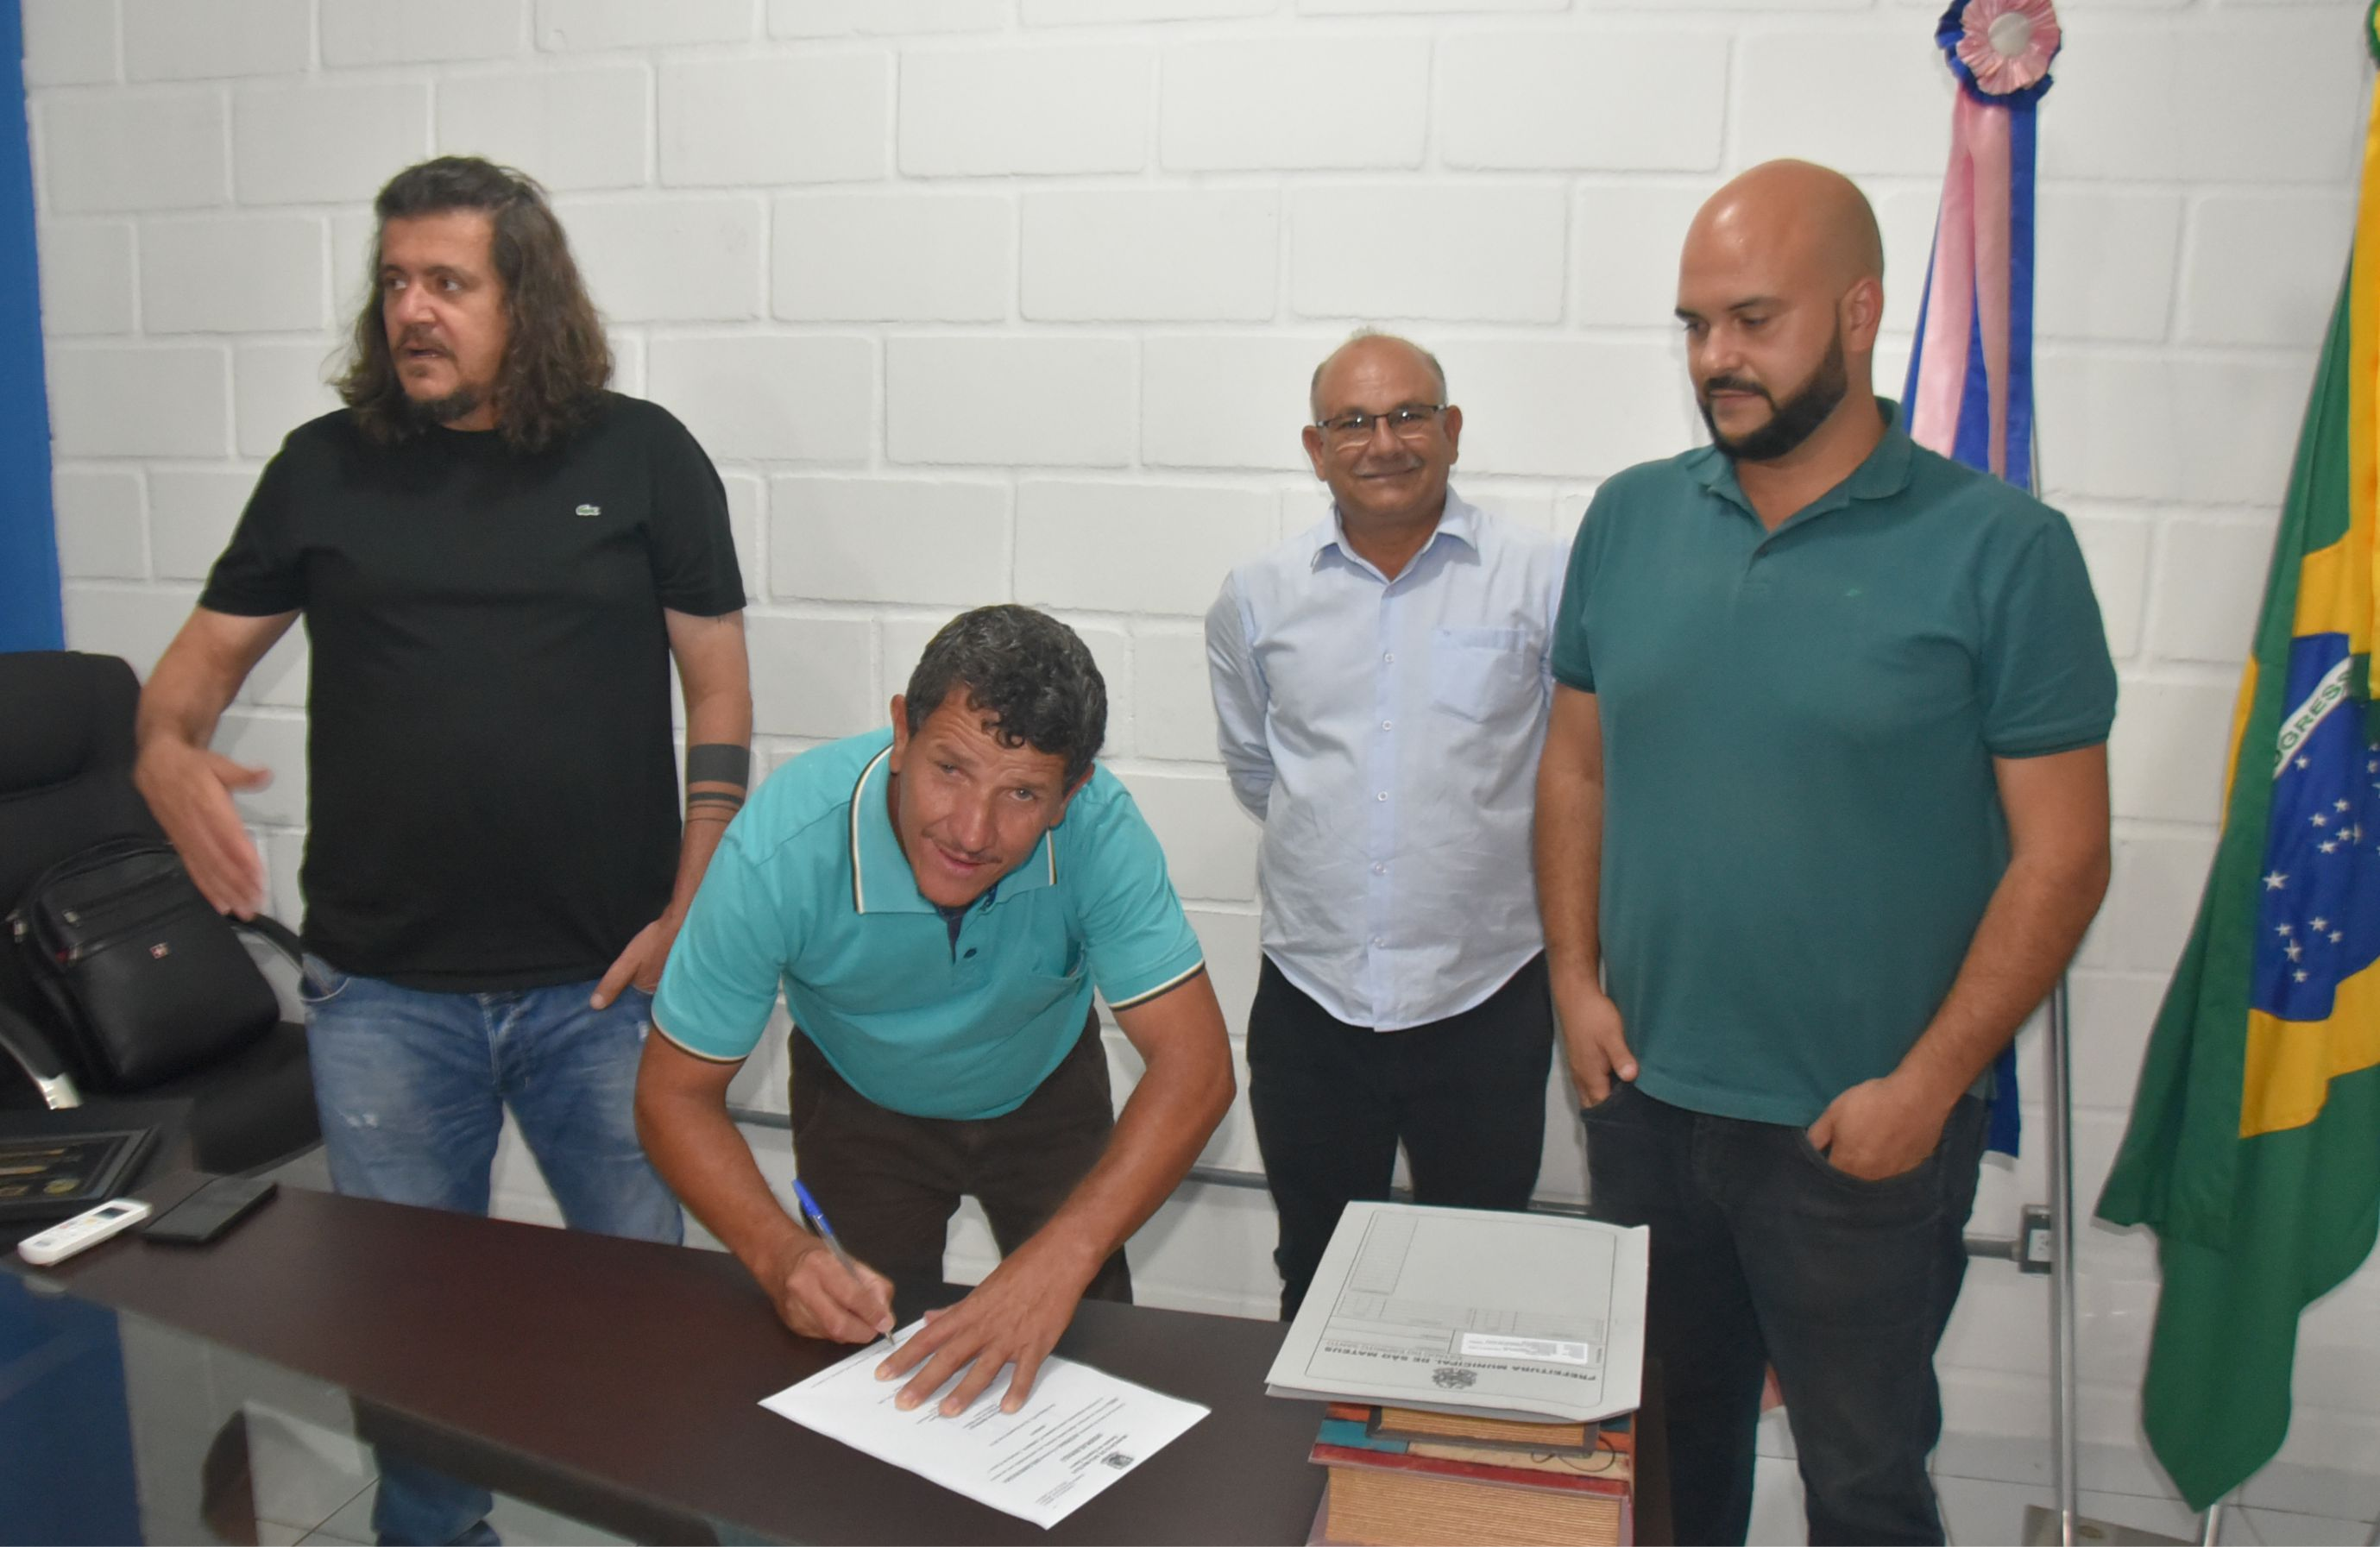 Prefeito Daniel Santana Assina Ordem De Serviço Para Construção De Quadra Poliesportiva Na Comunidade De São Pedro